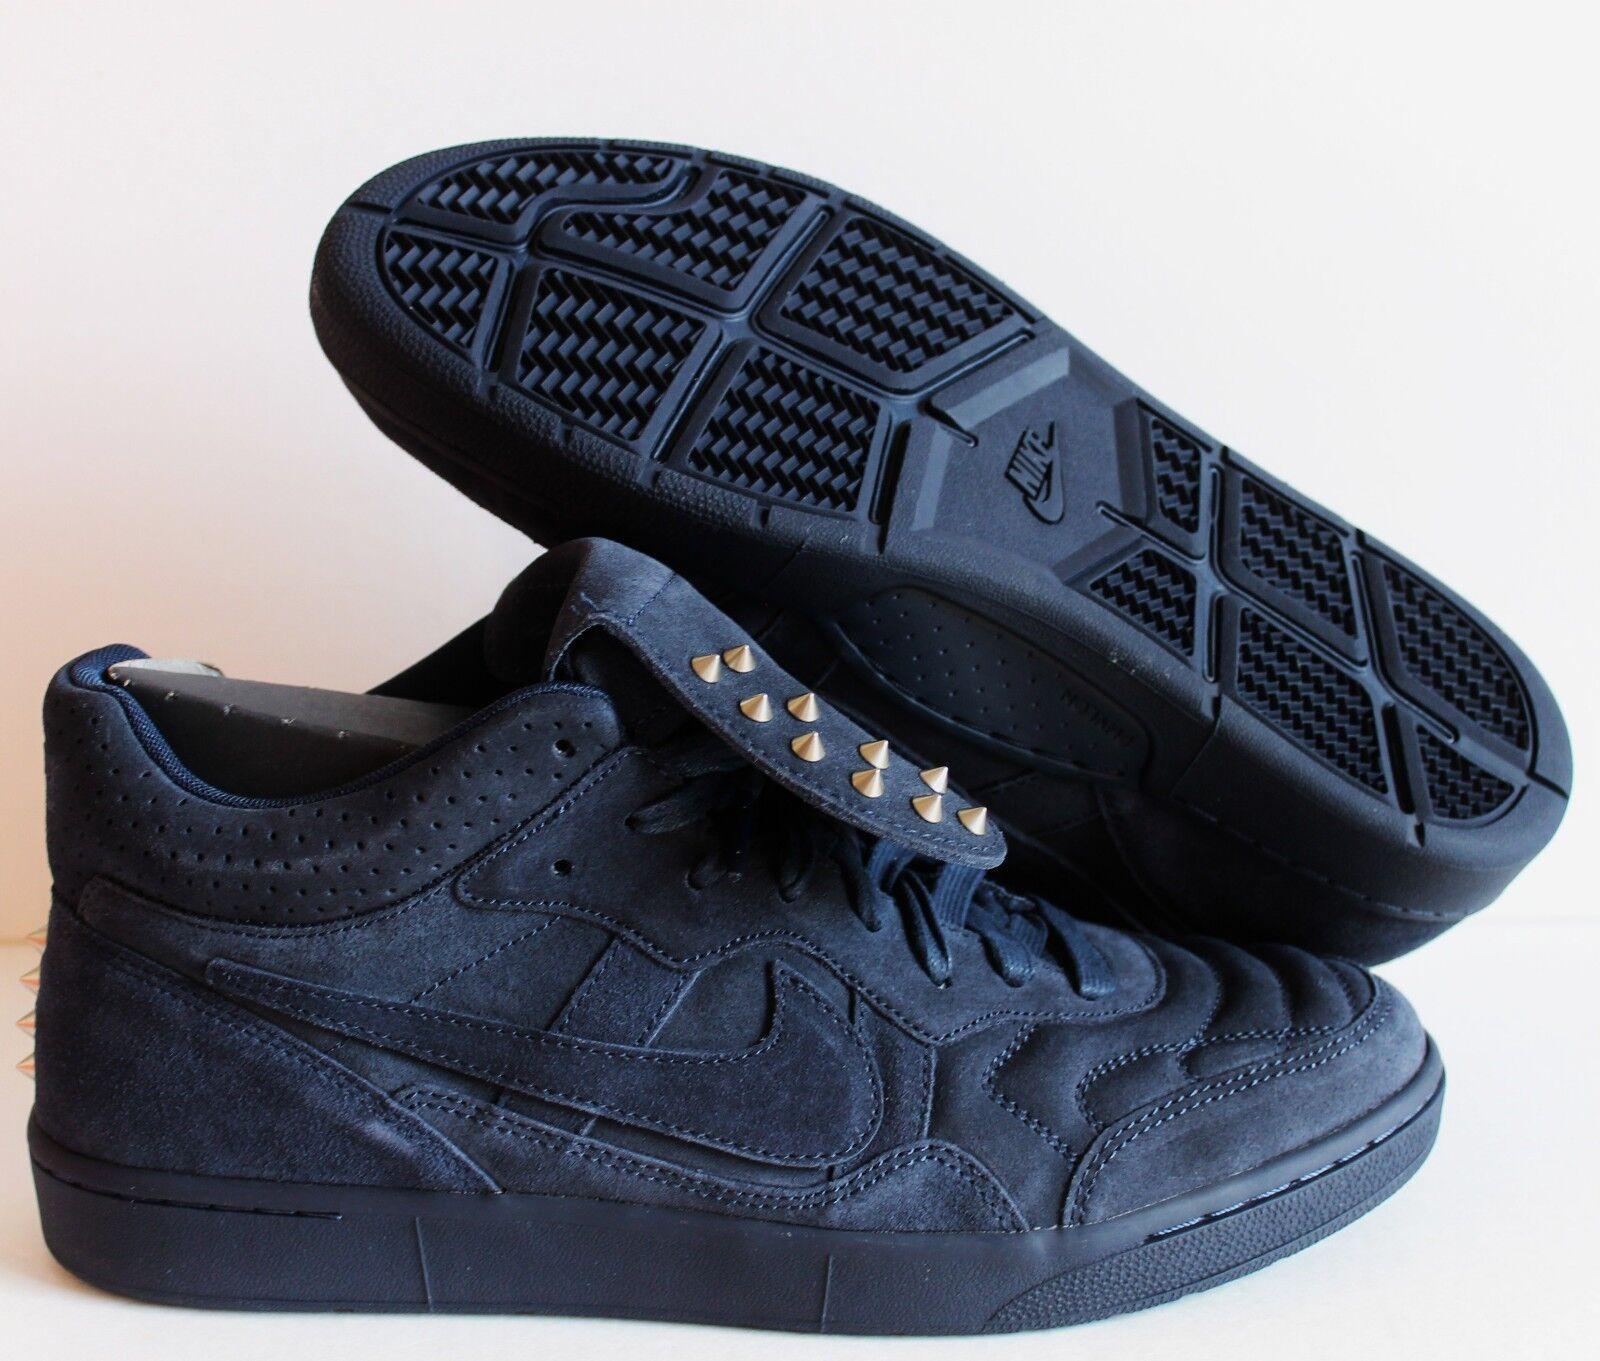 Nike Hombre Obsidiana NSW tiempo Mid 94 Sp Obsidiana Hombre [ 645330440 ] 3cd9f7